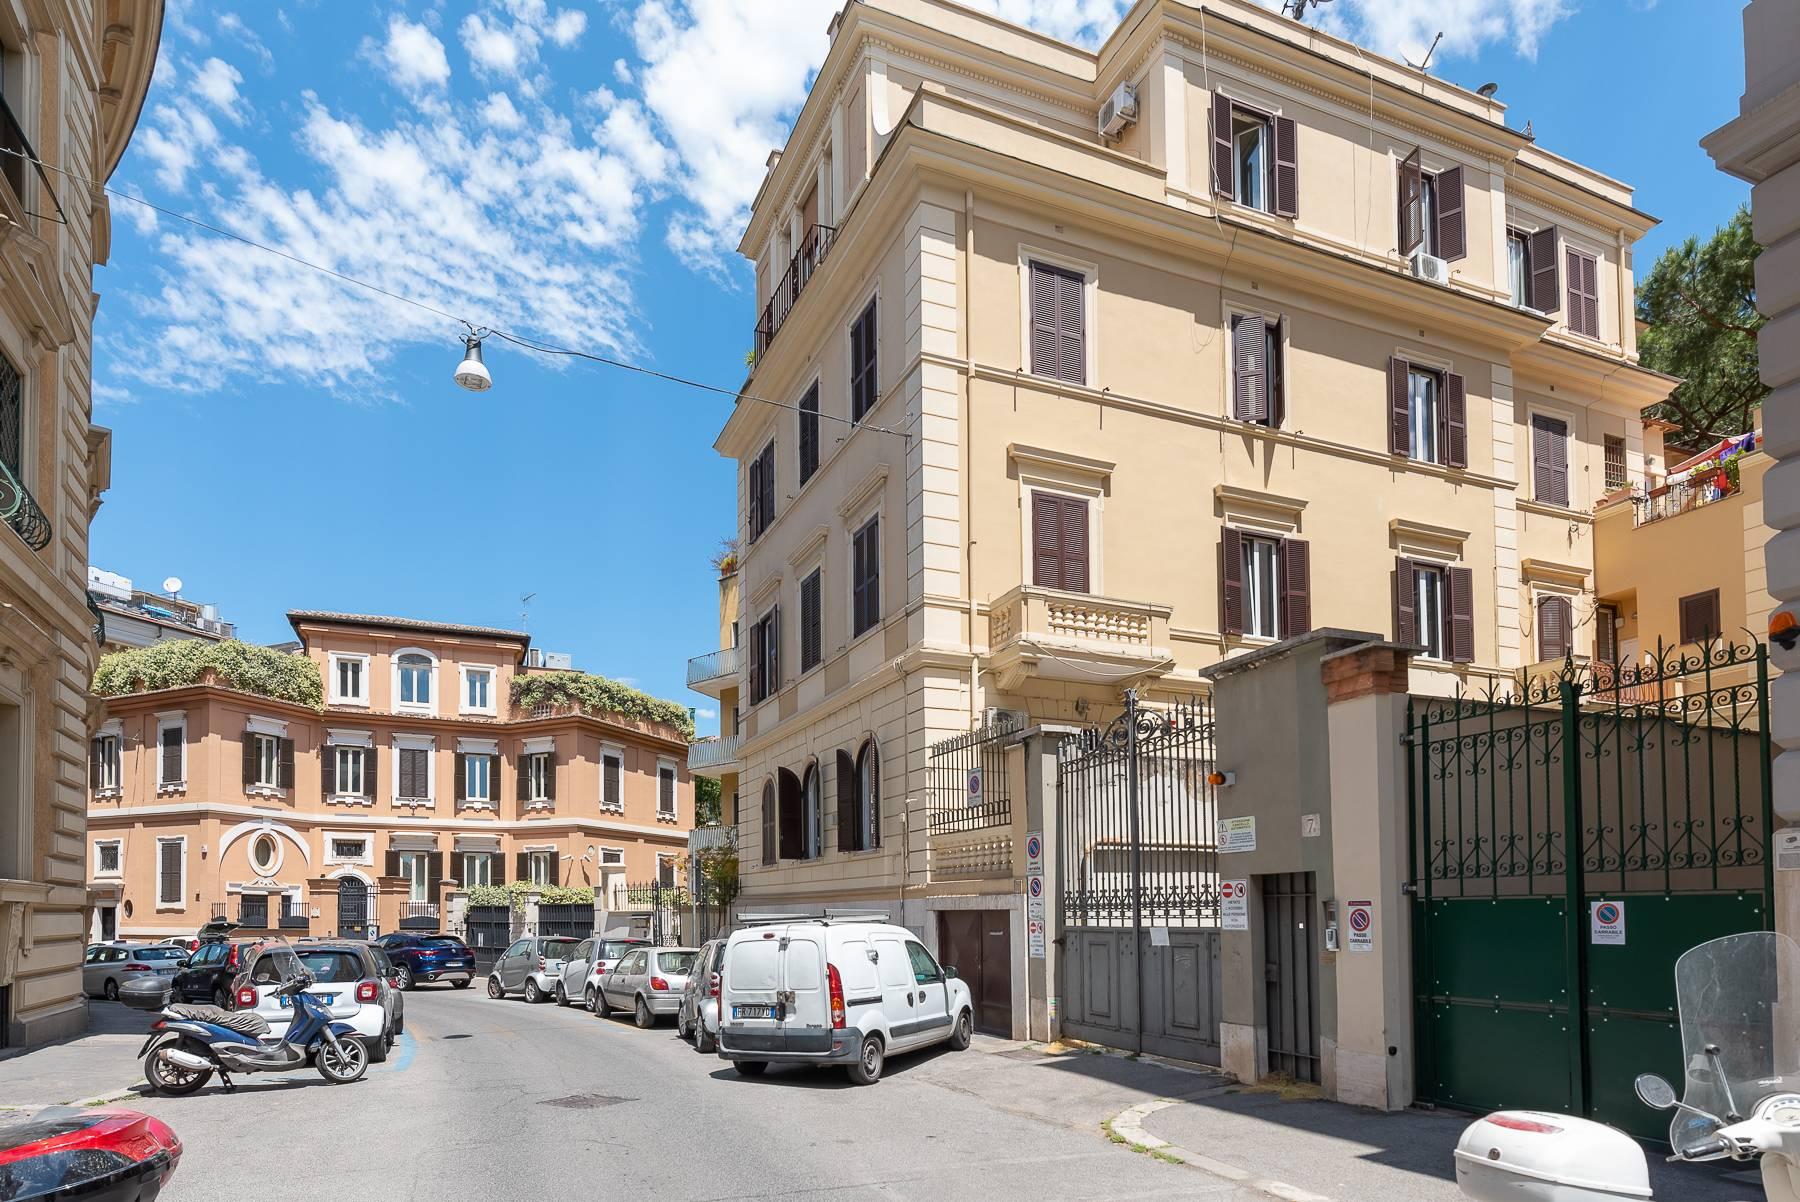 Ufficio-studio in Vendita a Roma via tevere